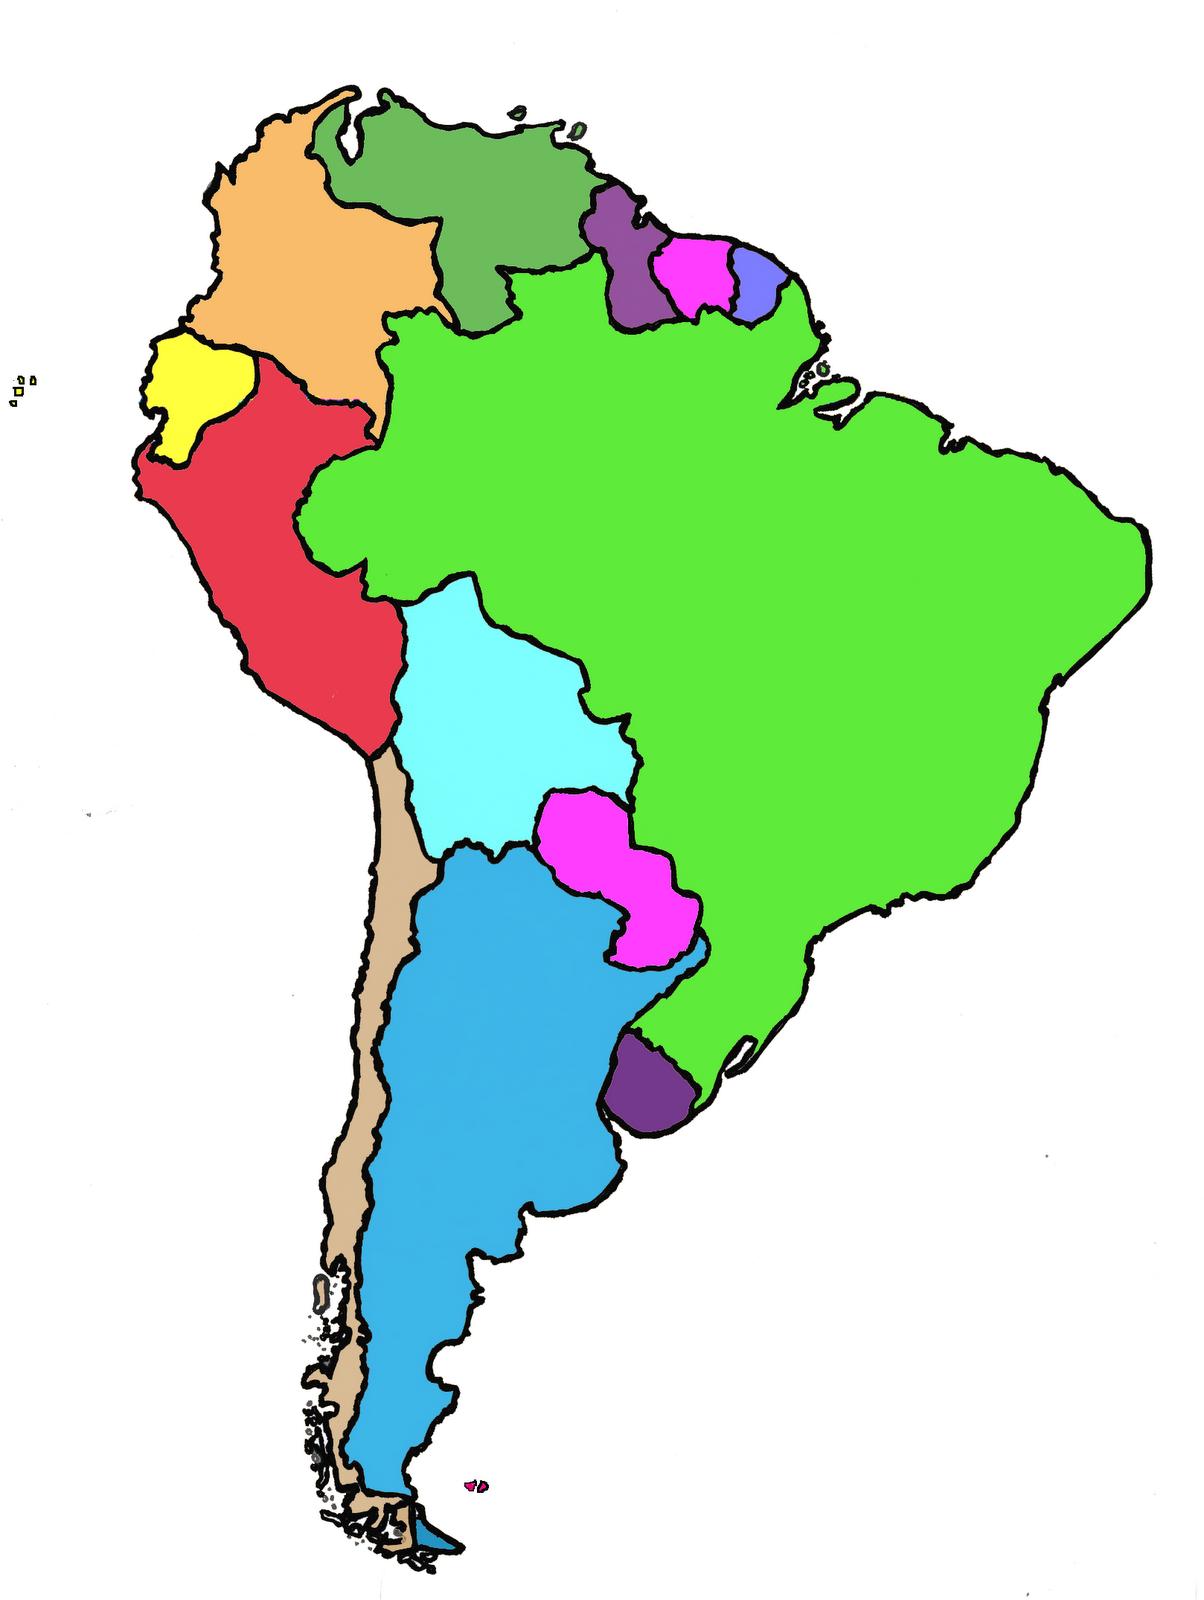 Atlas Dibujo Del Mapa De America Del Sur - Mapa de sur america